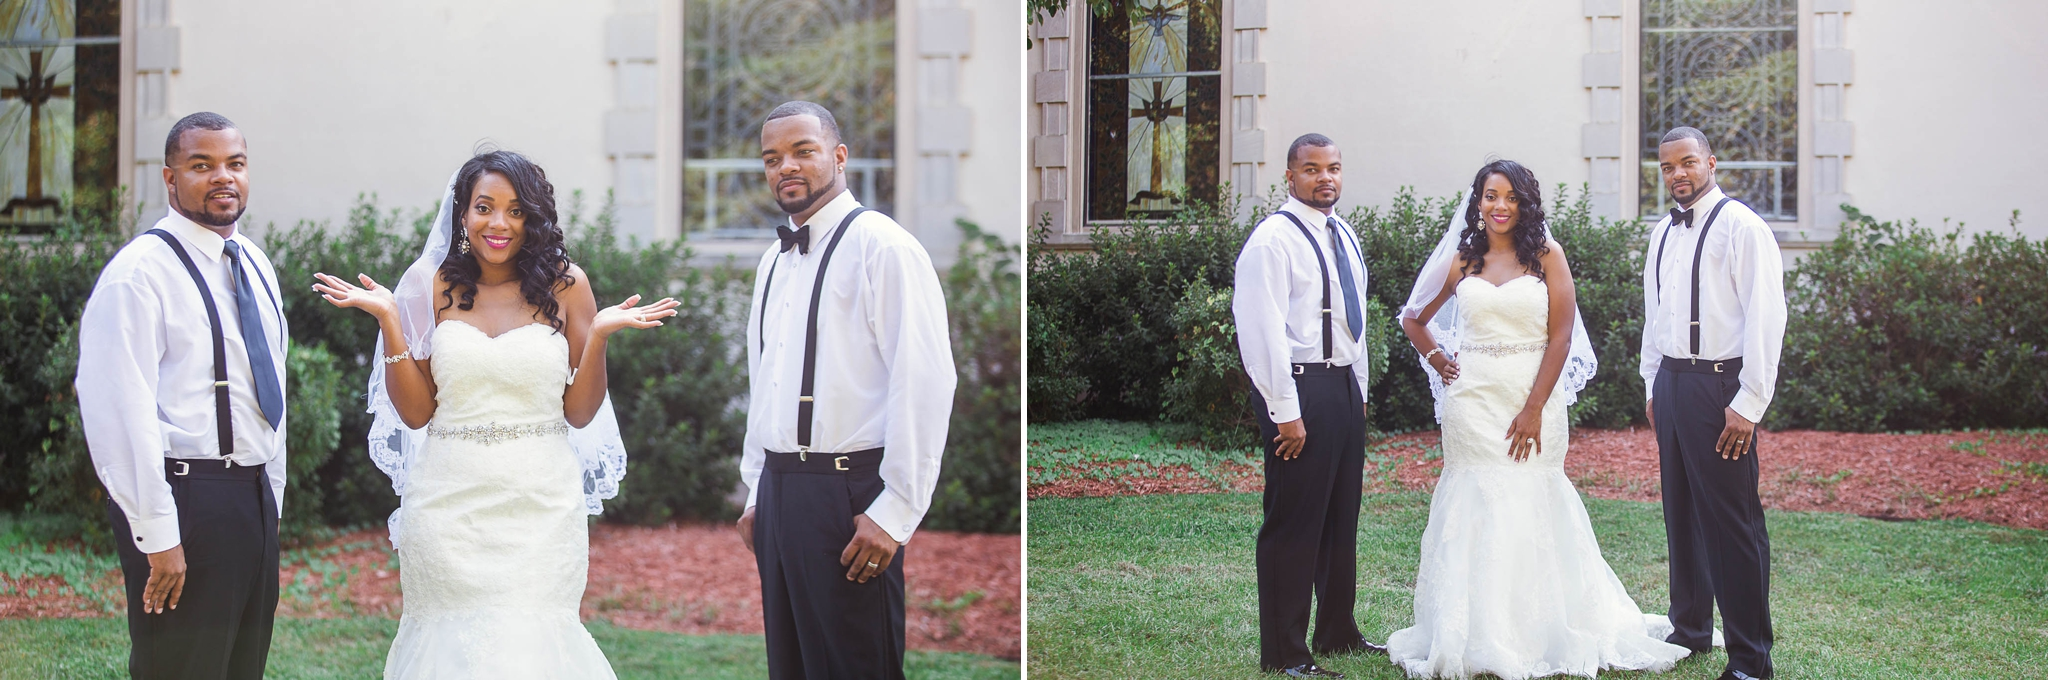 Fayetteville North Carolina Wedding Photographer